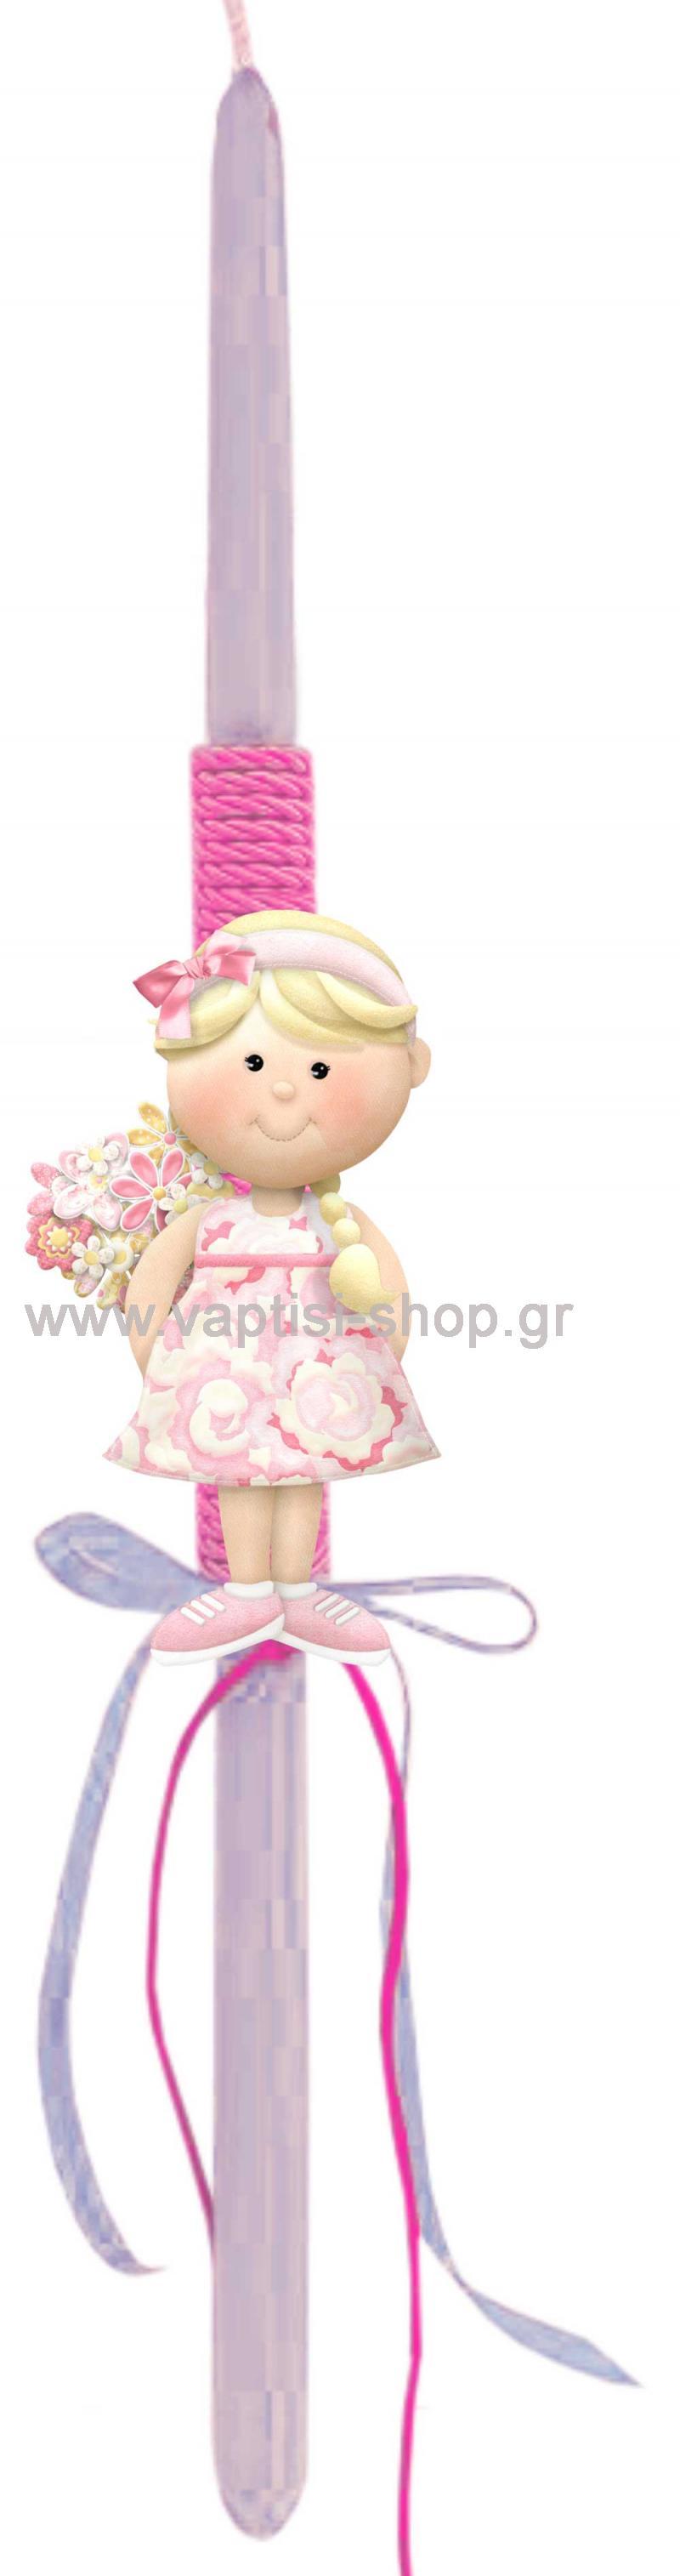 Πασχαλινή Λαμπάδα Κοριτσάκι 4